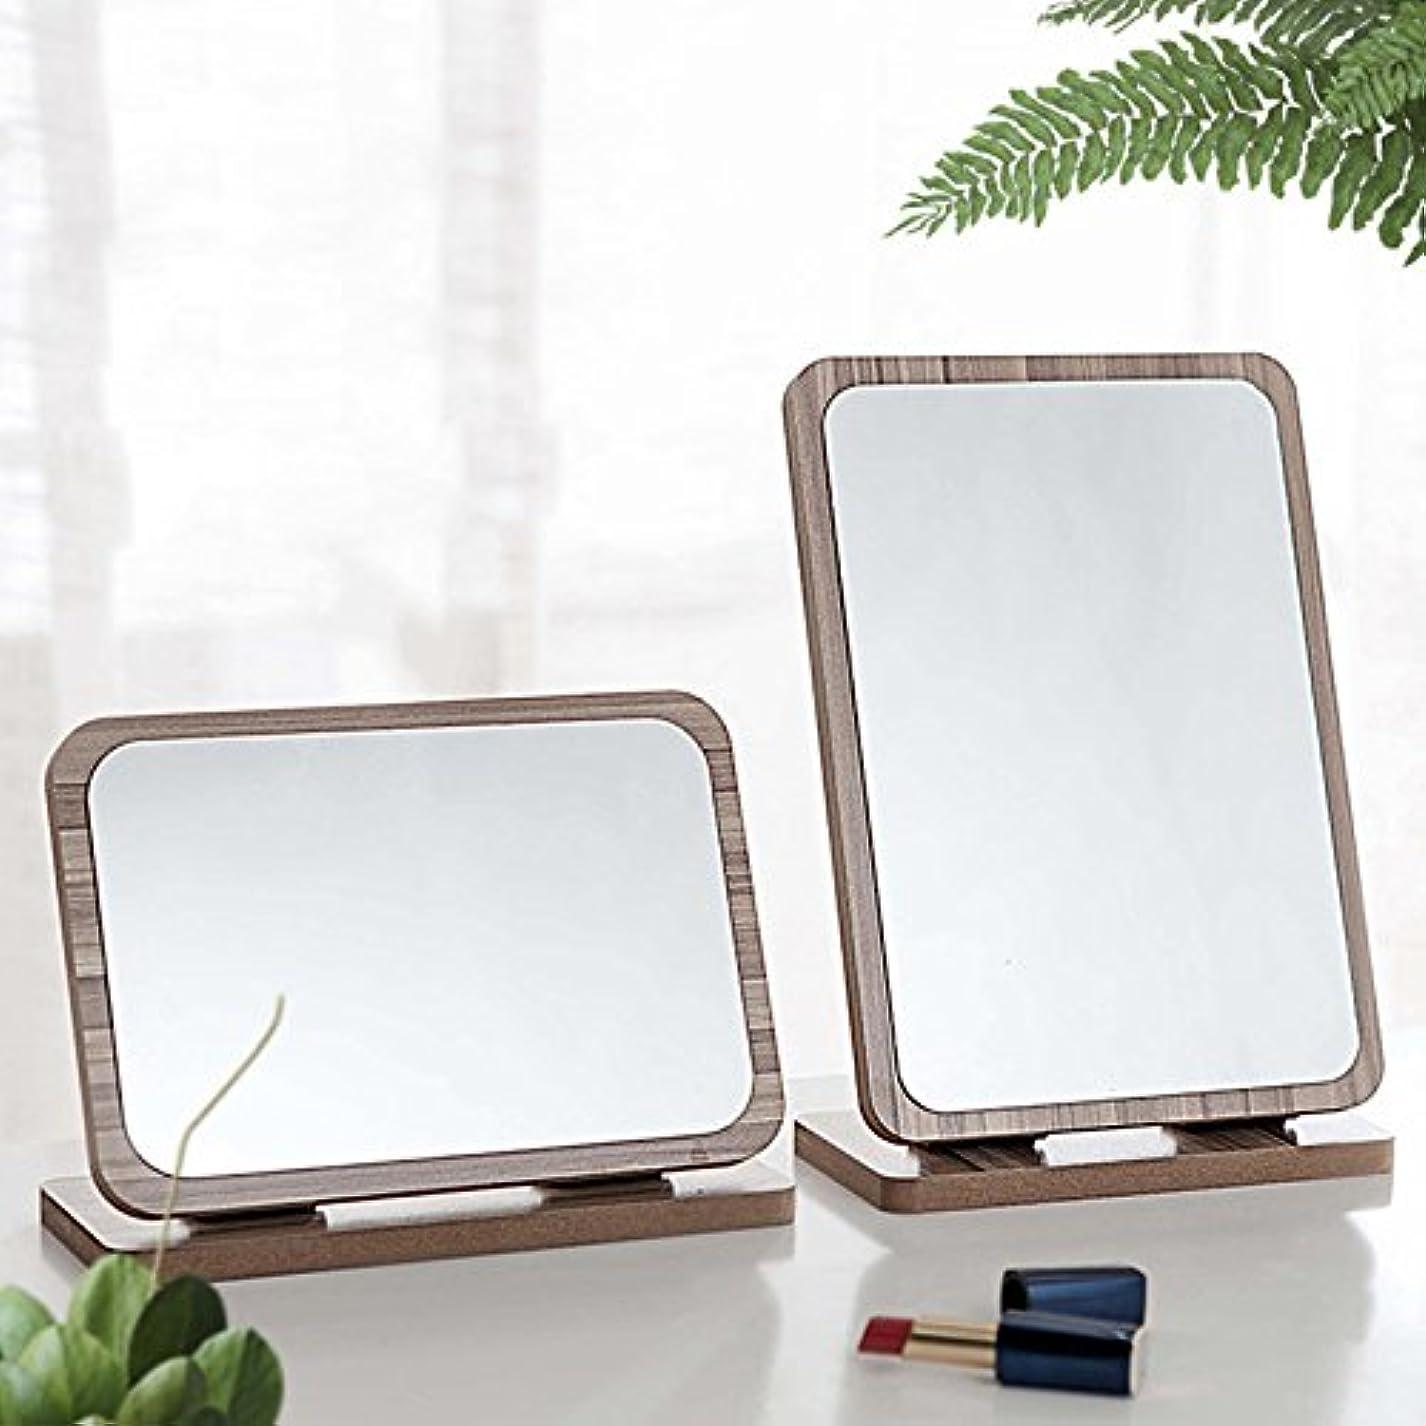 時拾う摂氏YZUEYT デスクトップ木製の化粧鏡3倍拡大180度回転ポータブルバニティバスルームメイクツール YZUEYT (Color : NO. 10#)